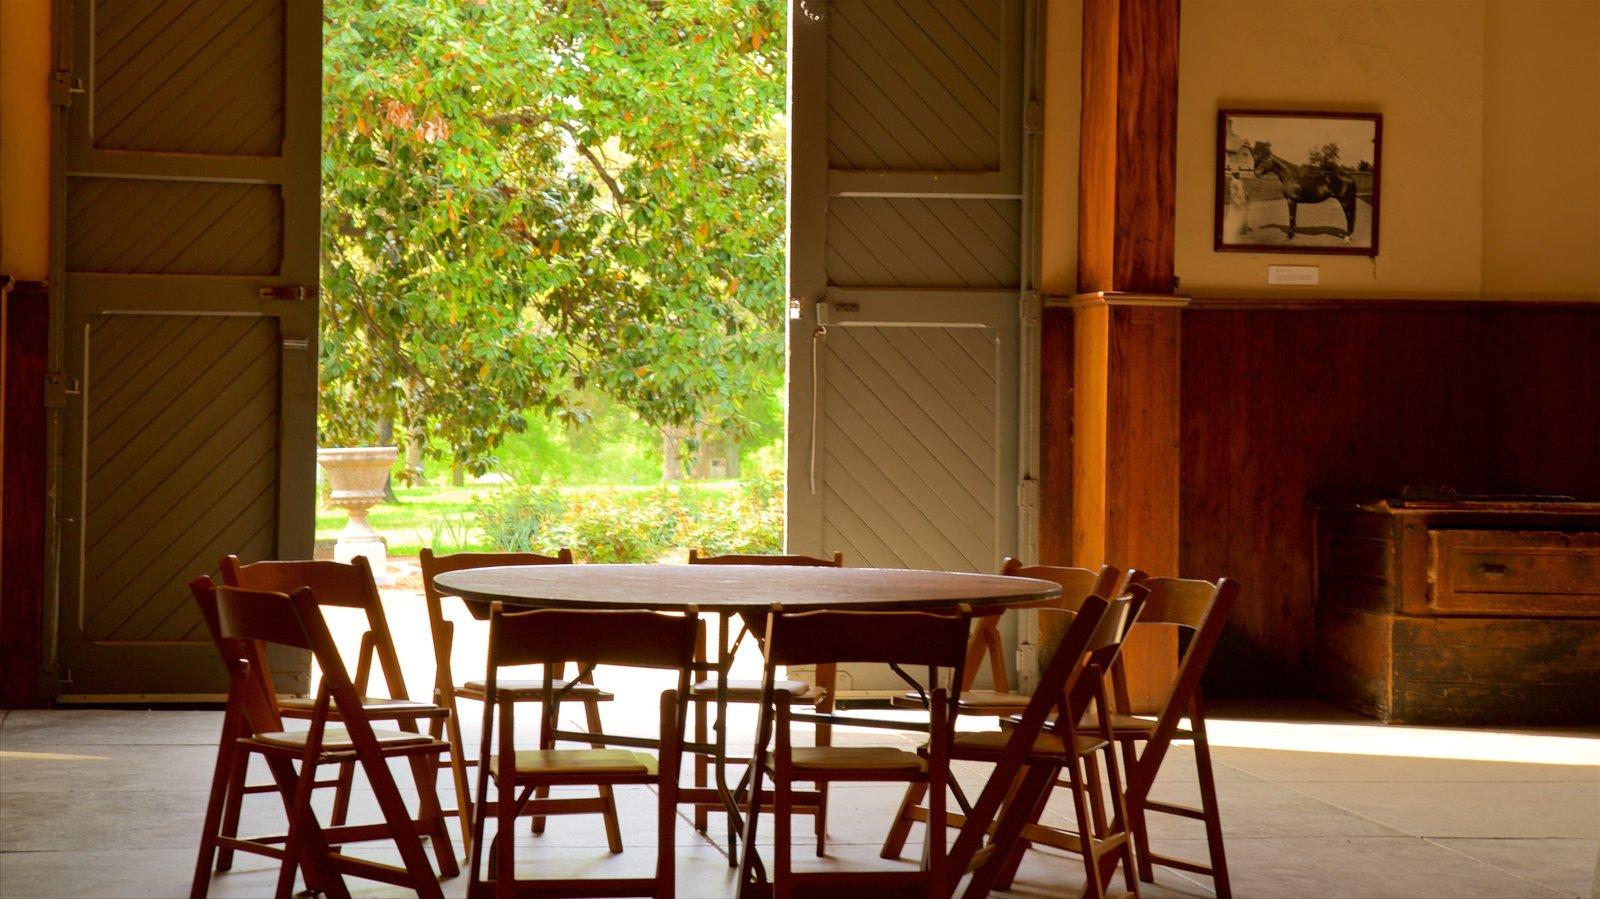 Belle Meade Plantation ofreciendo elementos del patrimonio y vistas interiores